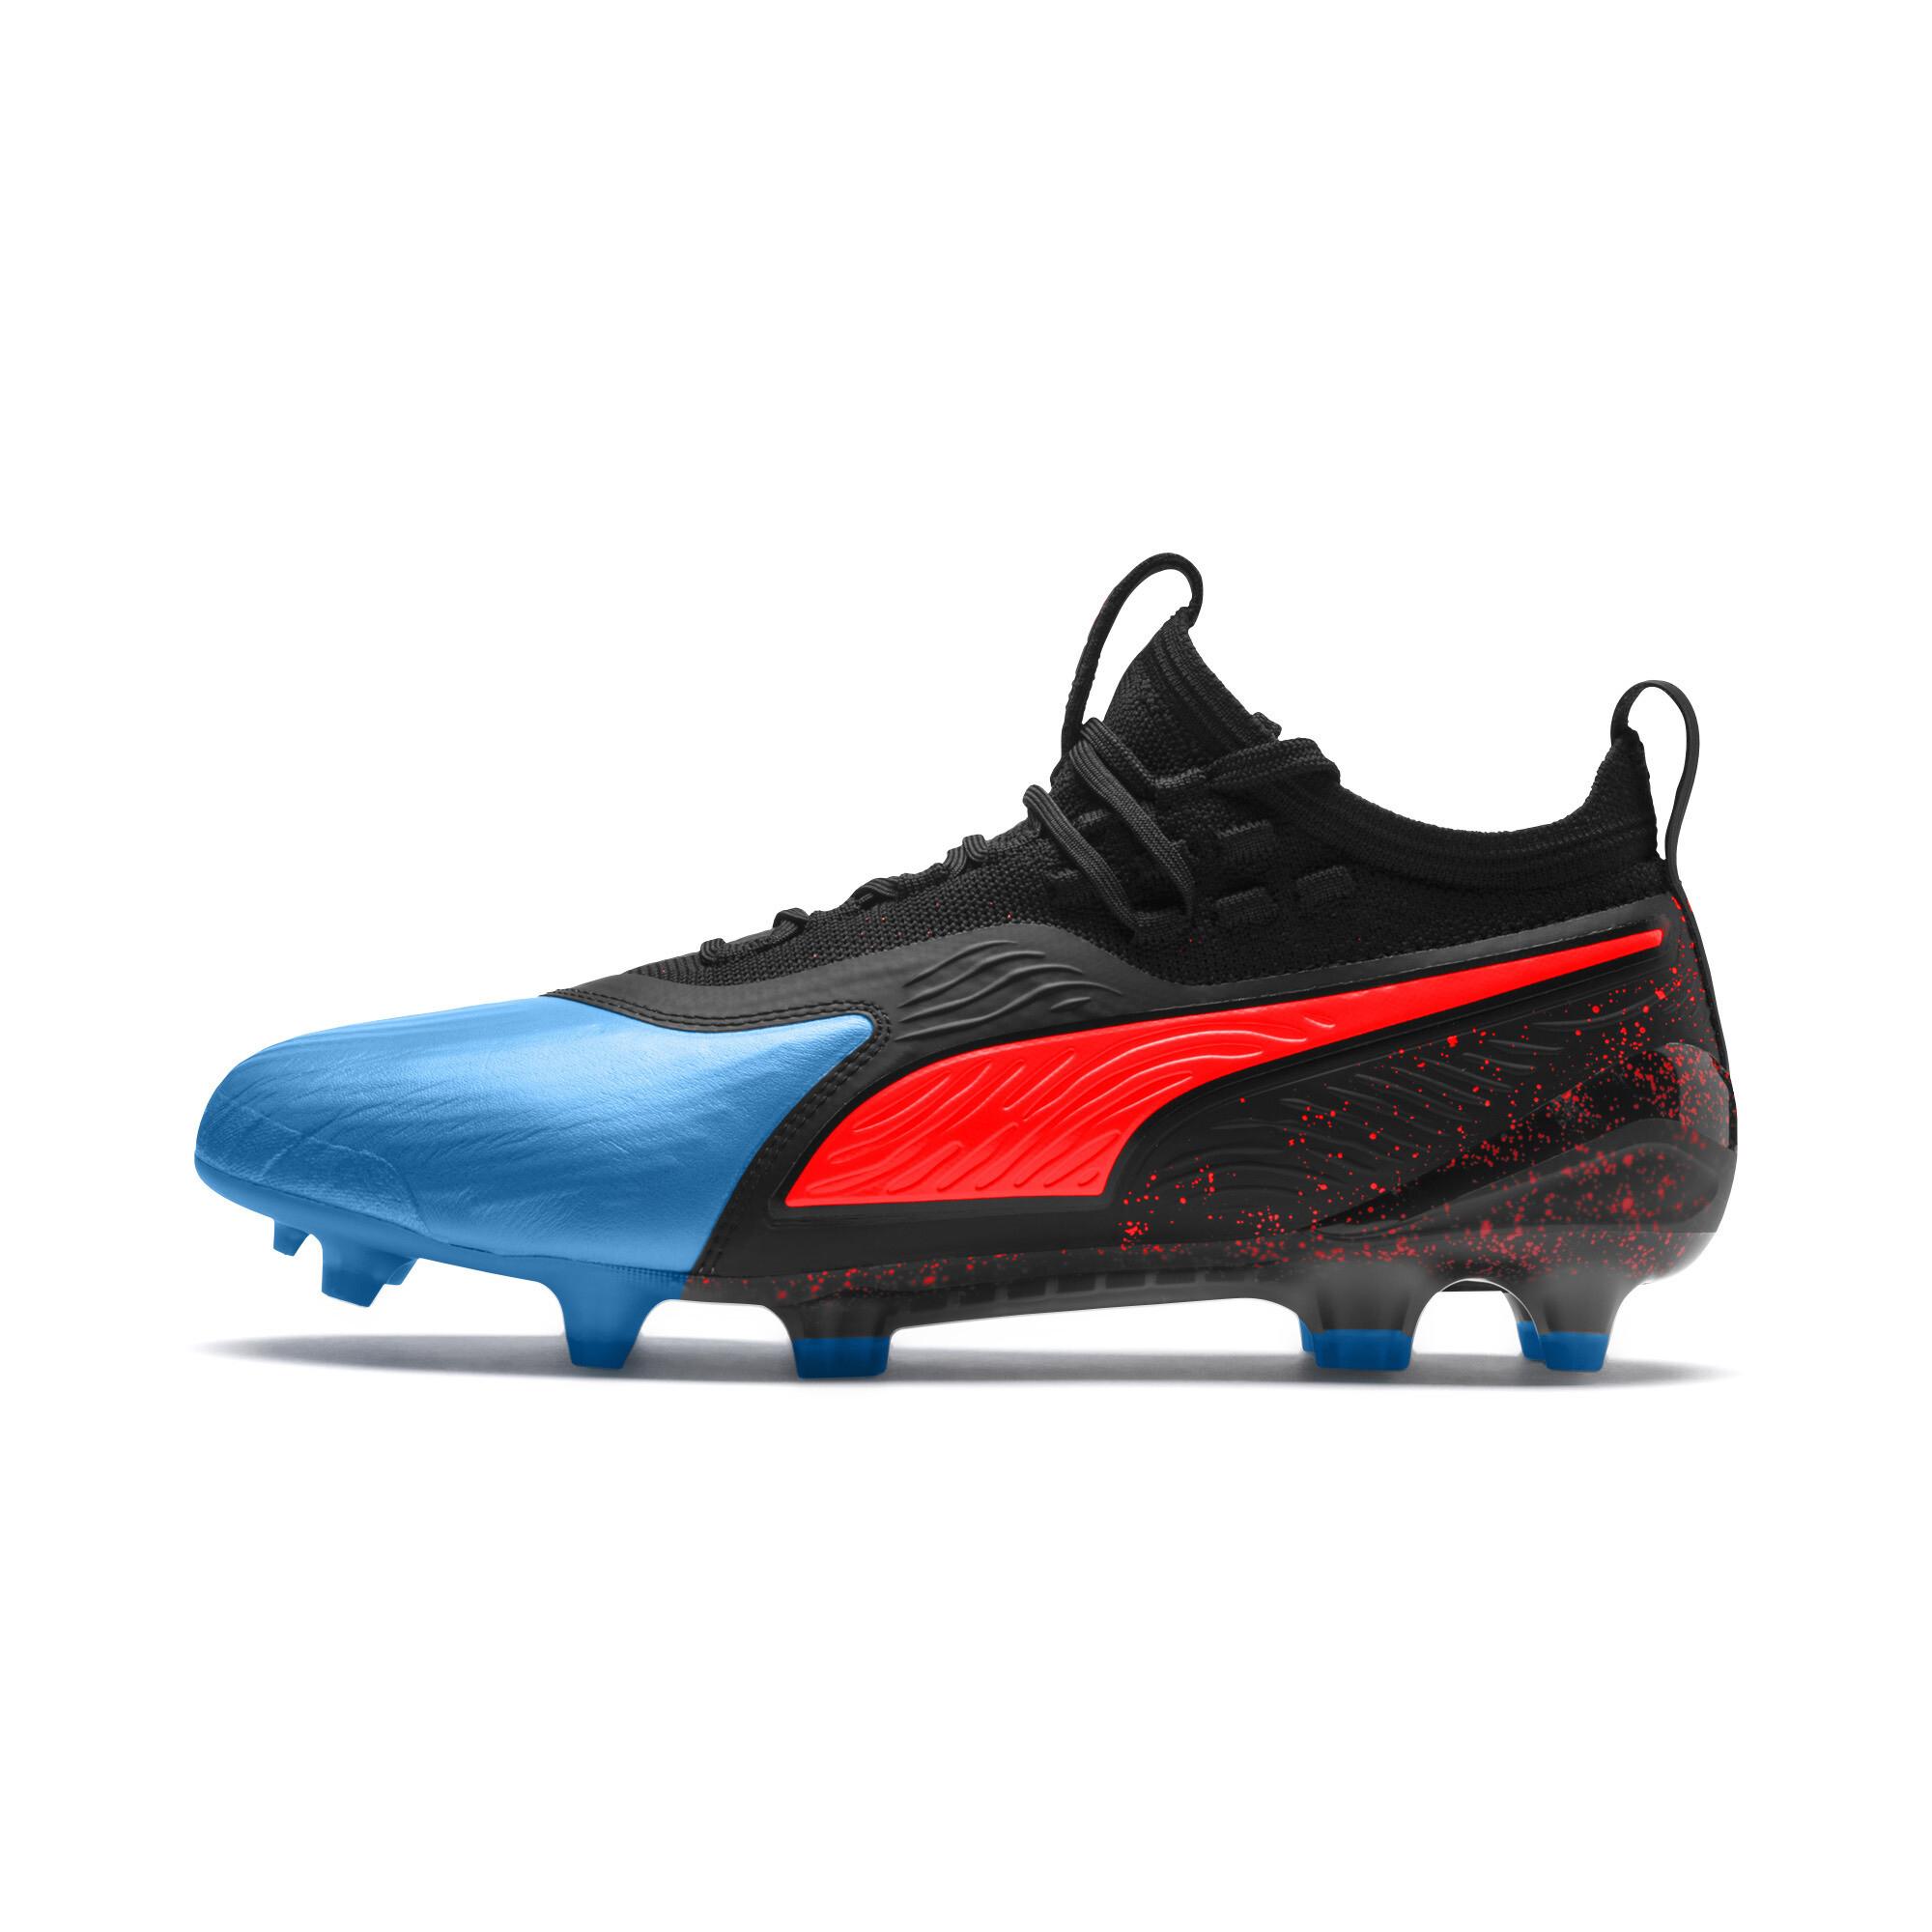 Zapatos de fútbol PUMA ONE 19.1 evoKNIT FG/AG para hombre